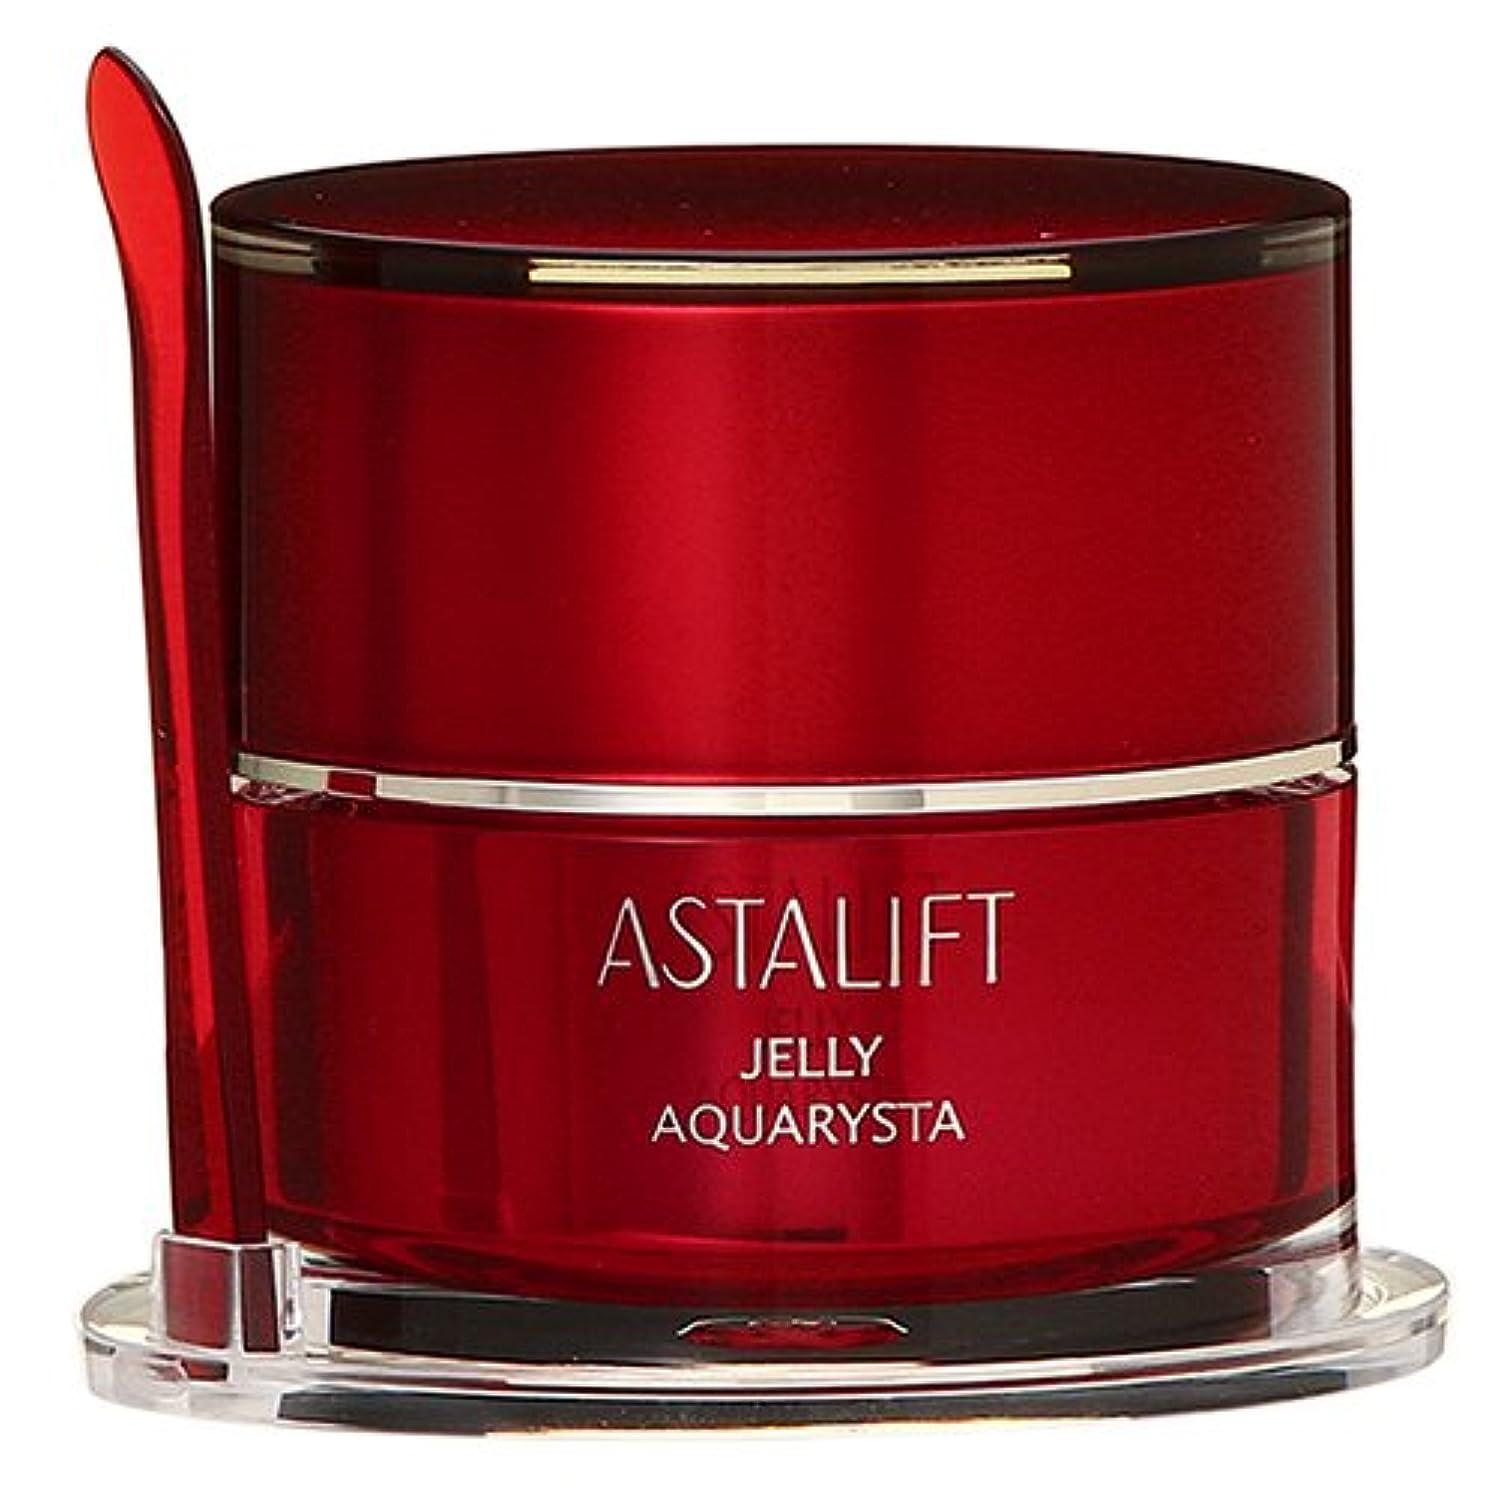 ラフトにおい代表するフジフイルム アスタリフト ジェリーアクアリスタ 60g 並行輸入品